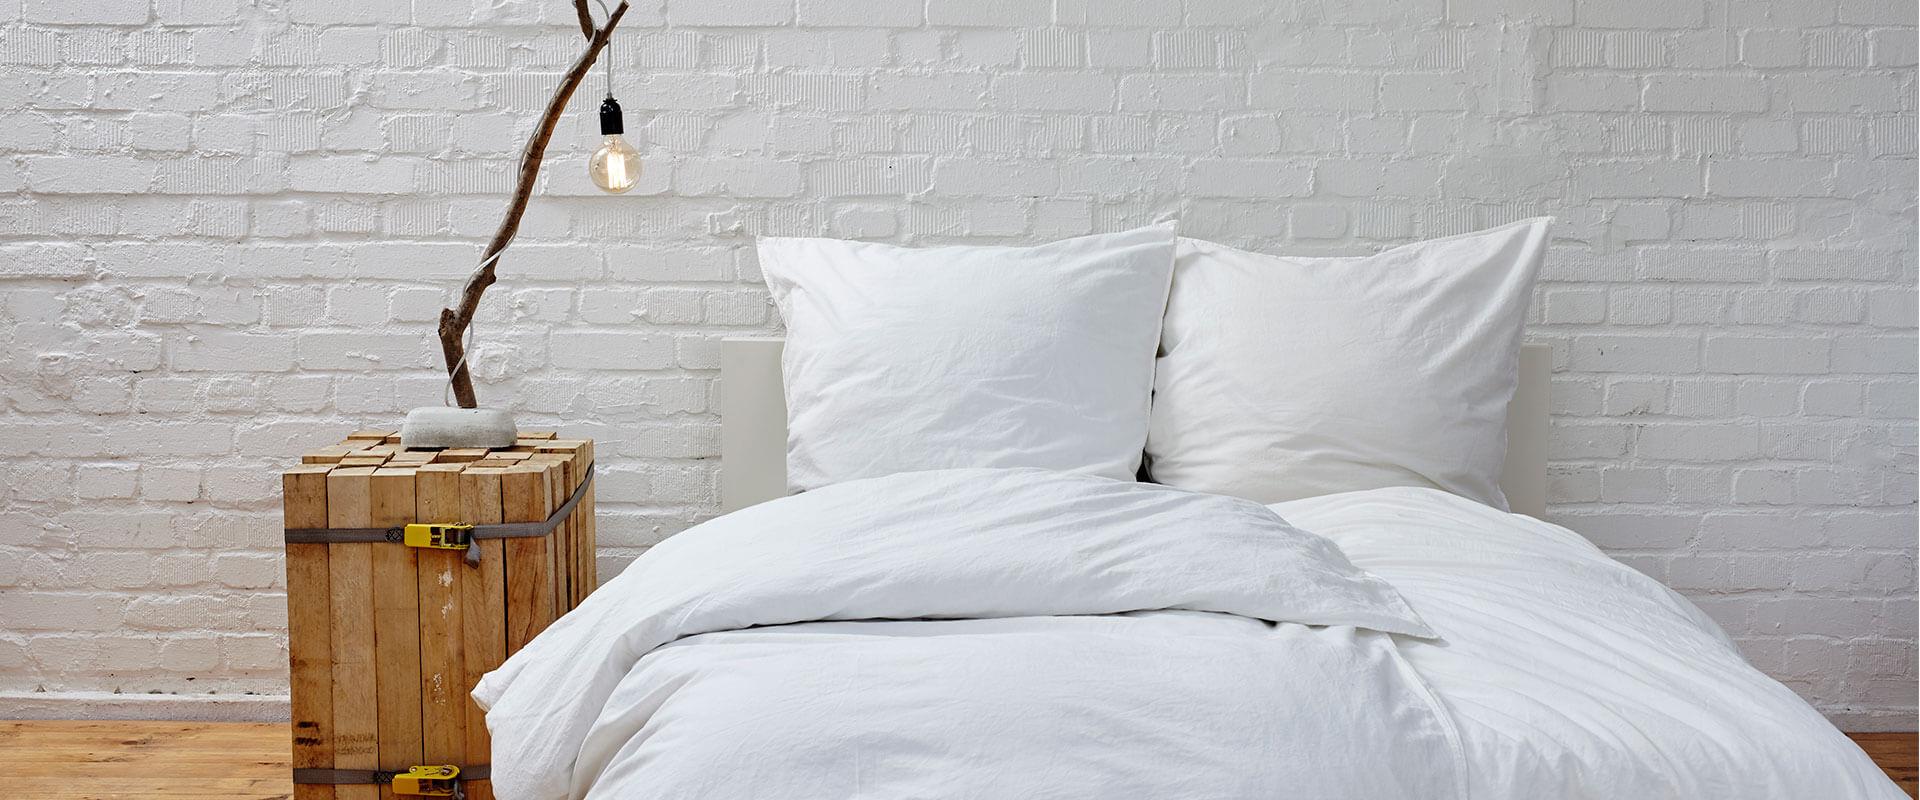 Habitación con ropa de cama color blanco y buró de madera.